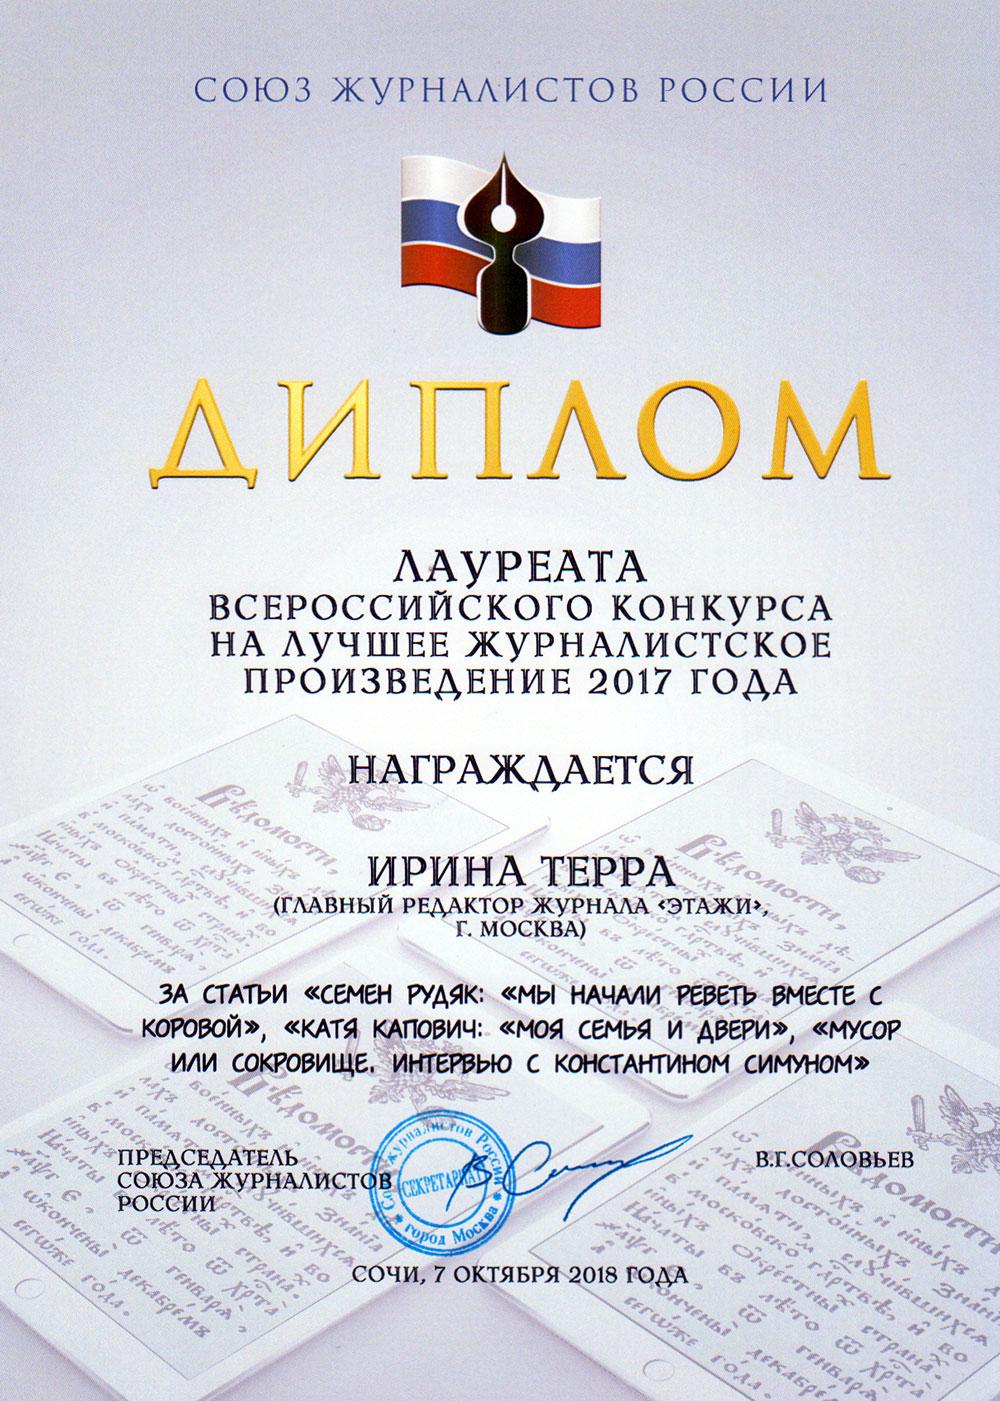 Диплом лауреата за лучшее журналистское произведение 2017 года